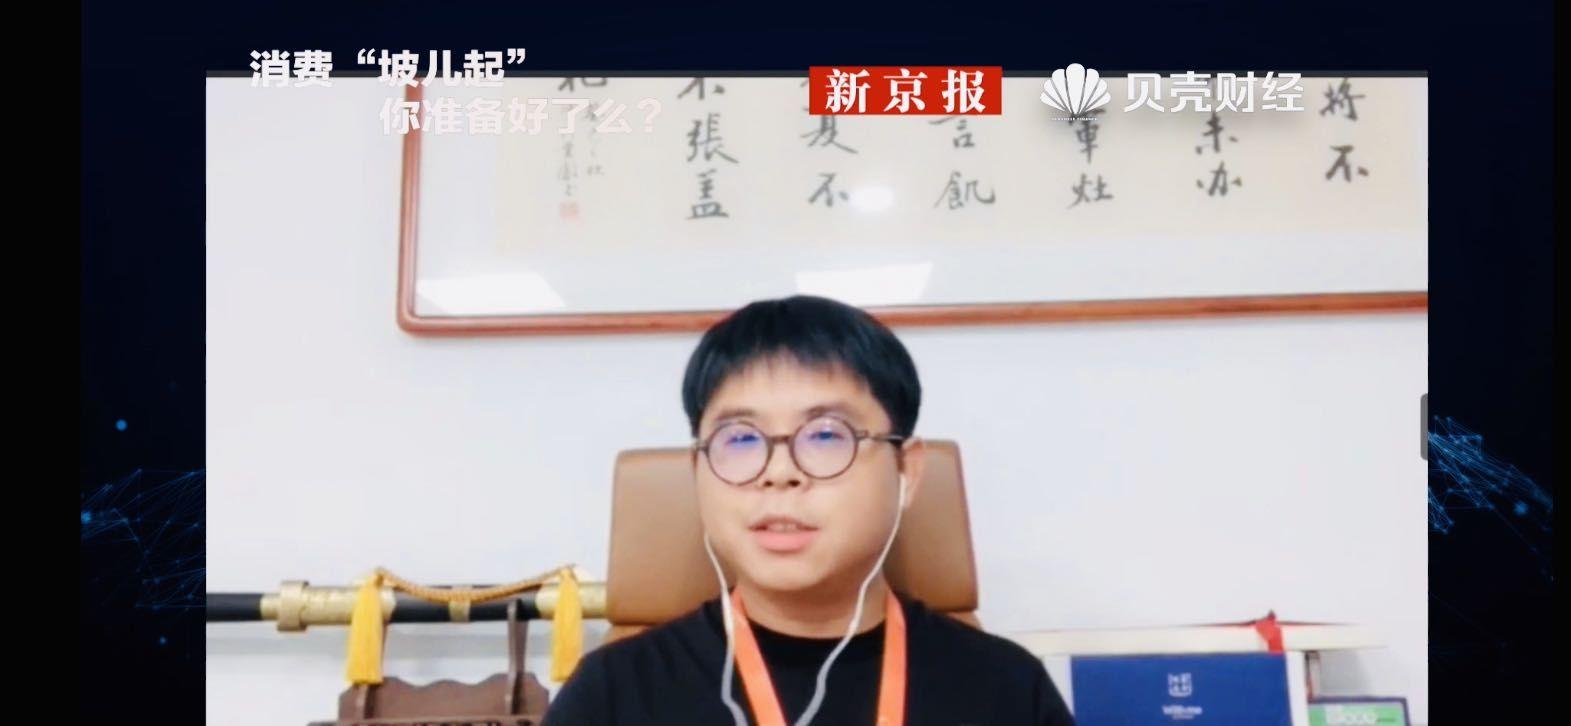 深读│银泰吴嗣川:直播已成实体百货业重要营销手段